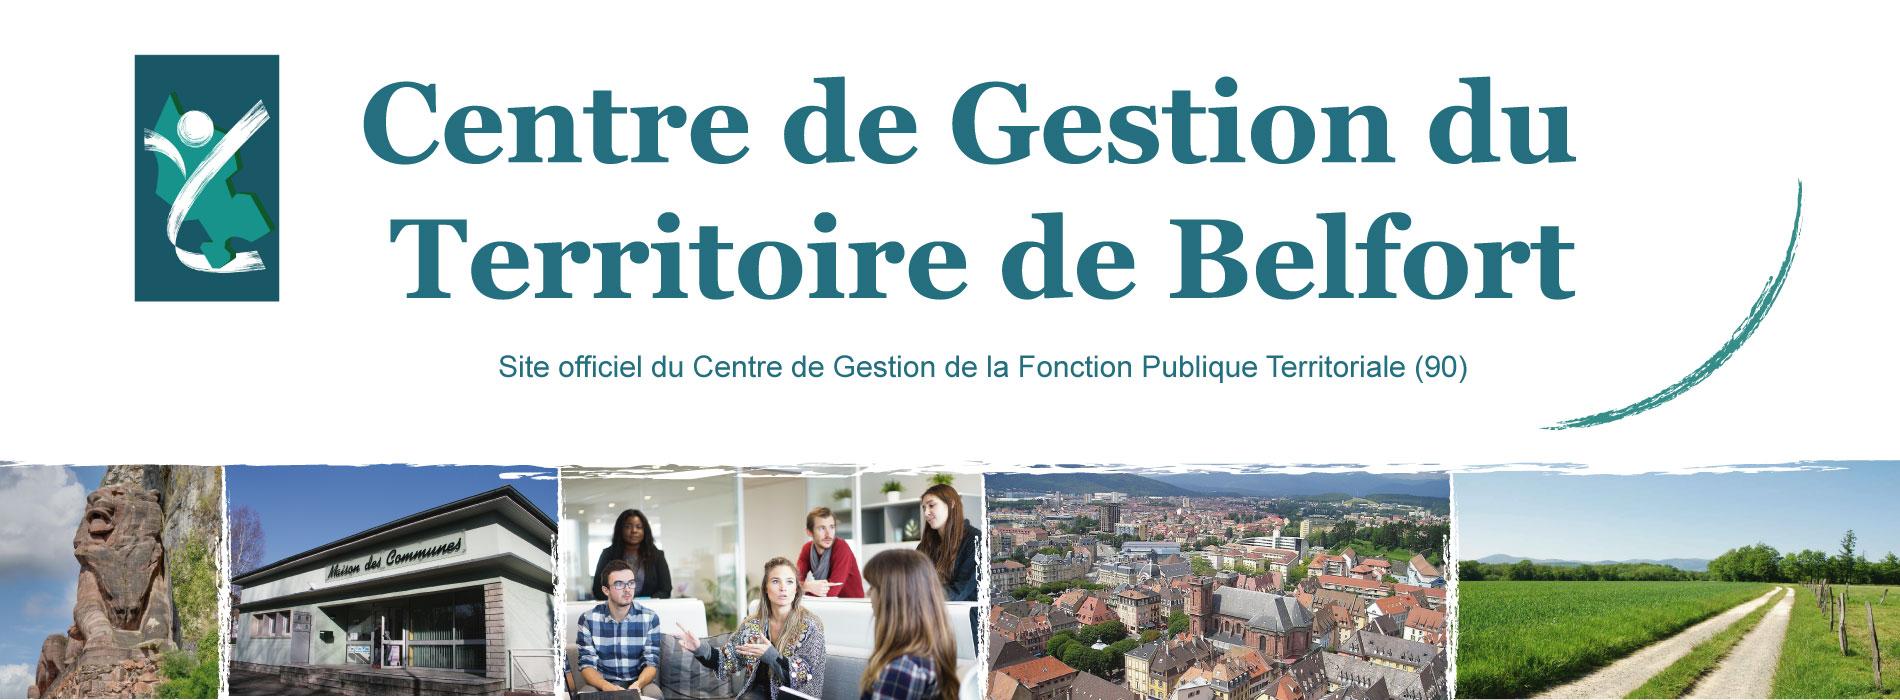 Centre de Gestion du Territoire de Belfort